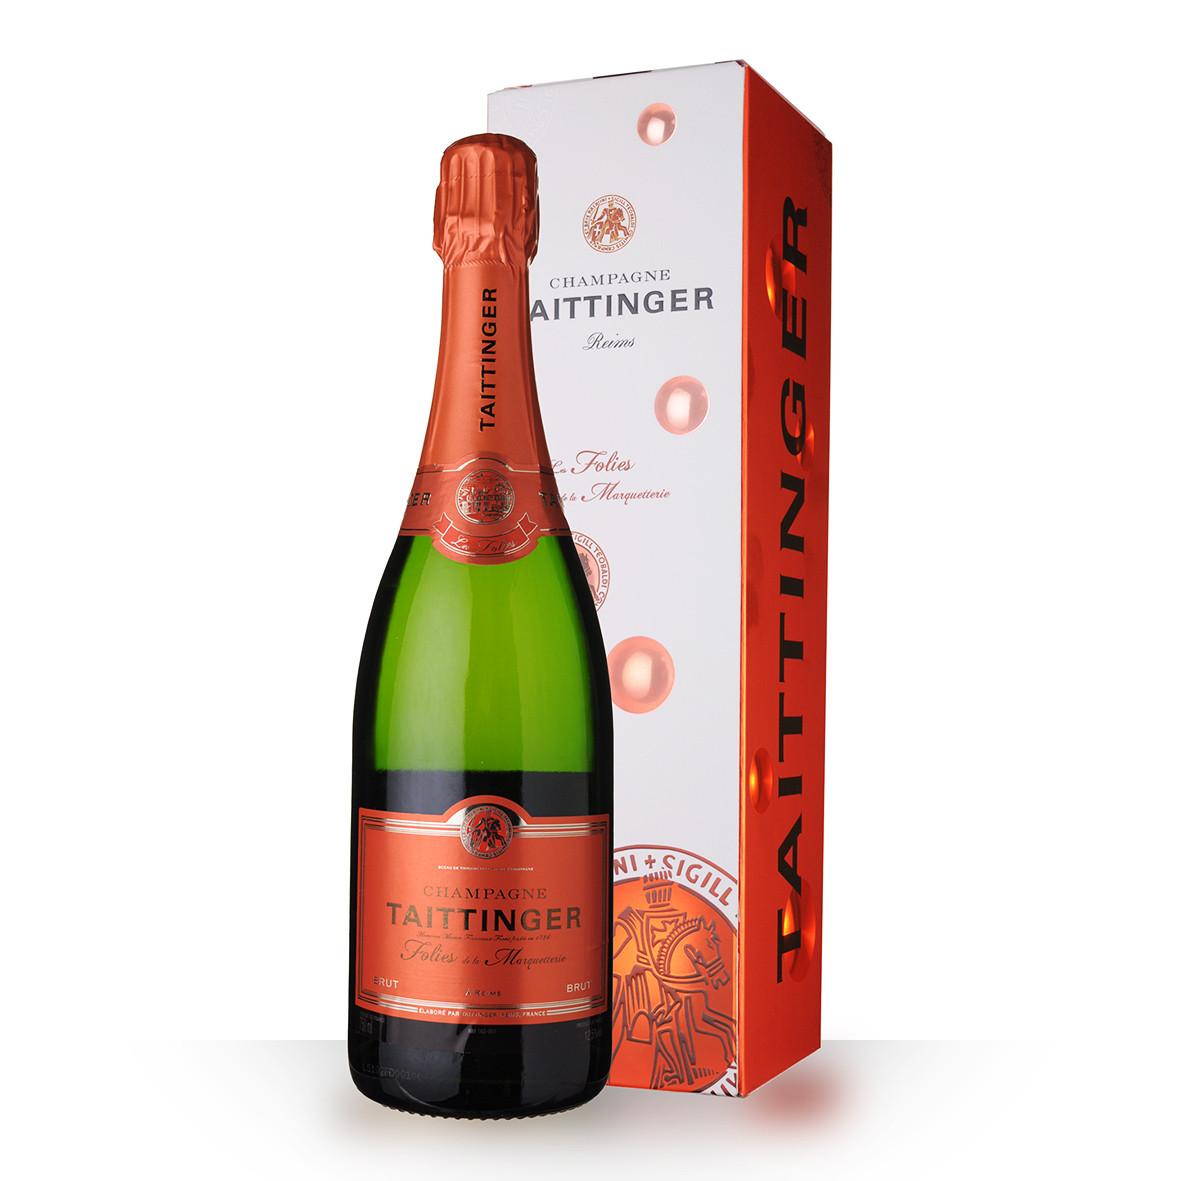 Champagne Taittinger Folies de la Marquetterie 75cl Etui www.odyssee-vins.com